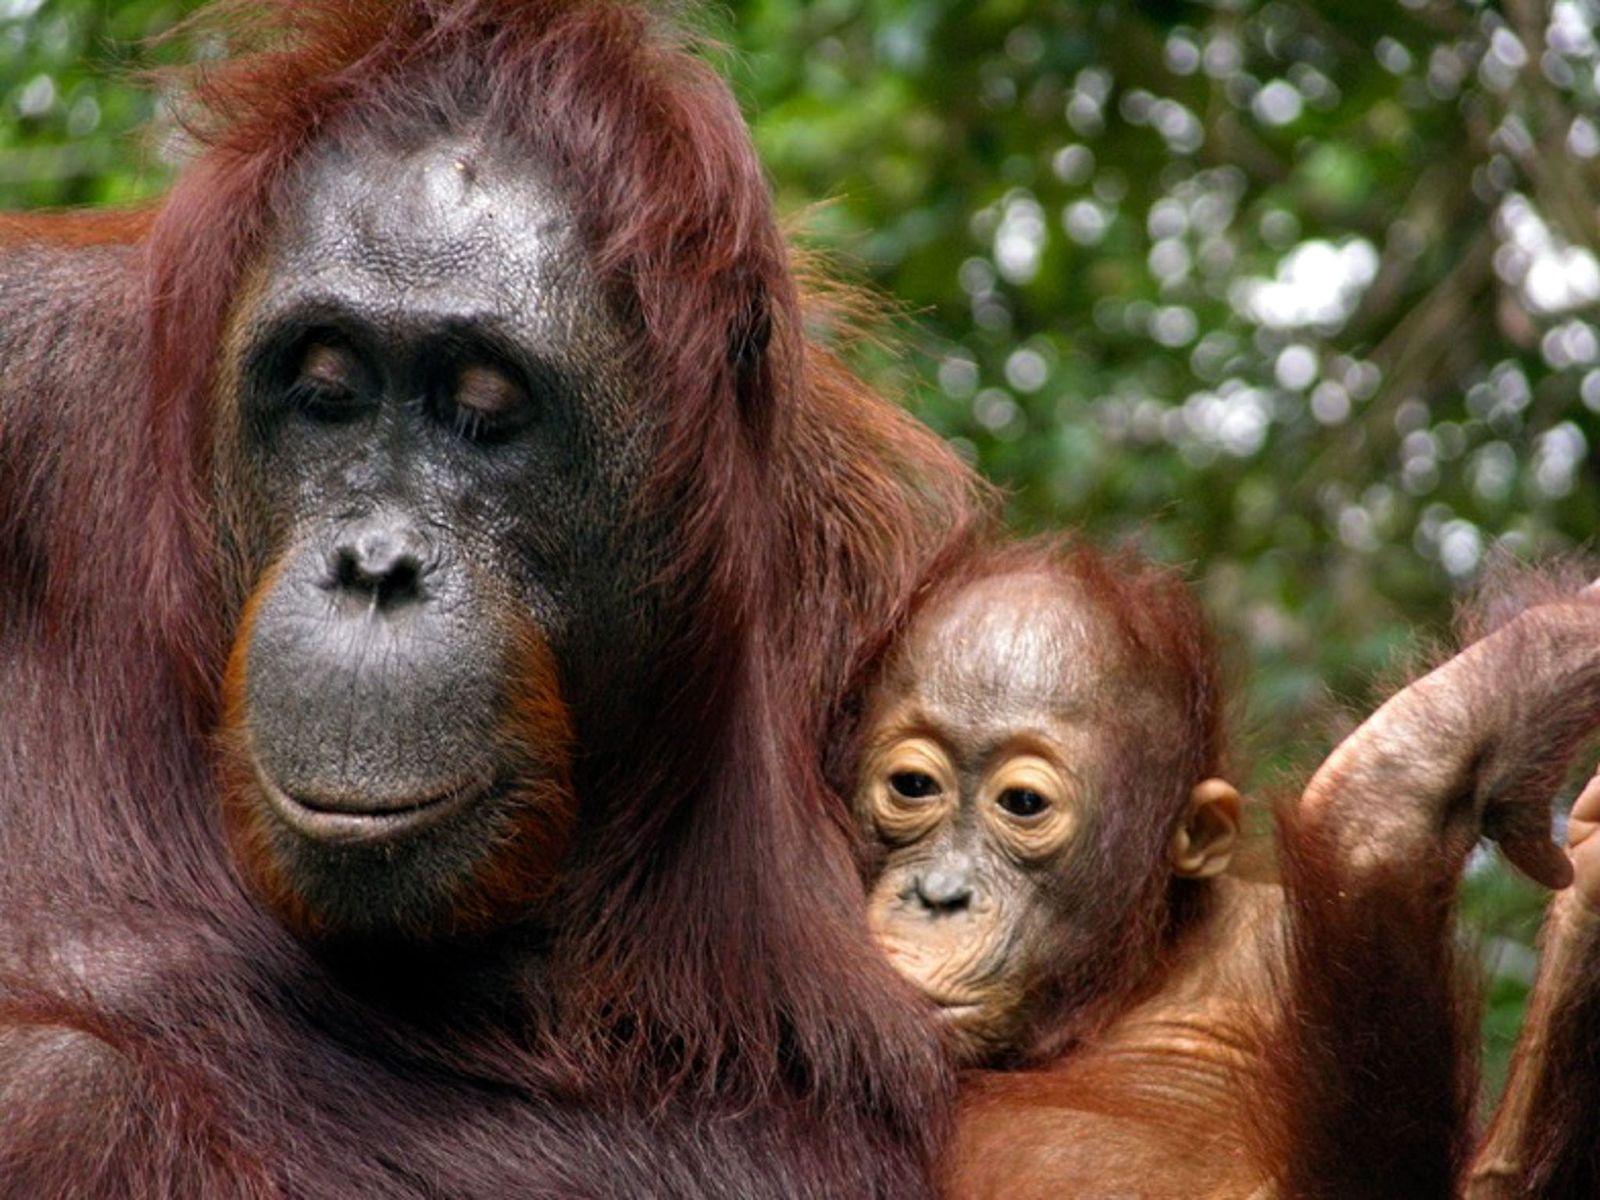 L'orang-outan est le primate qui allaite le plus longtemps